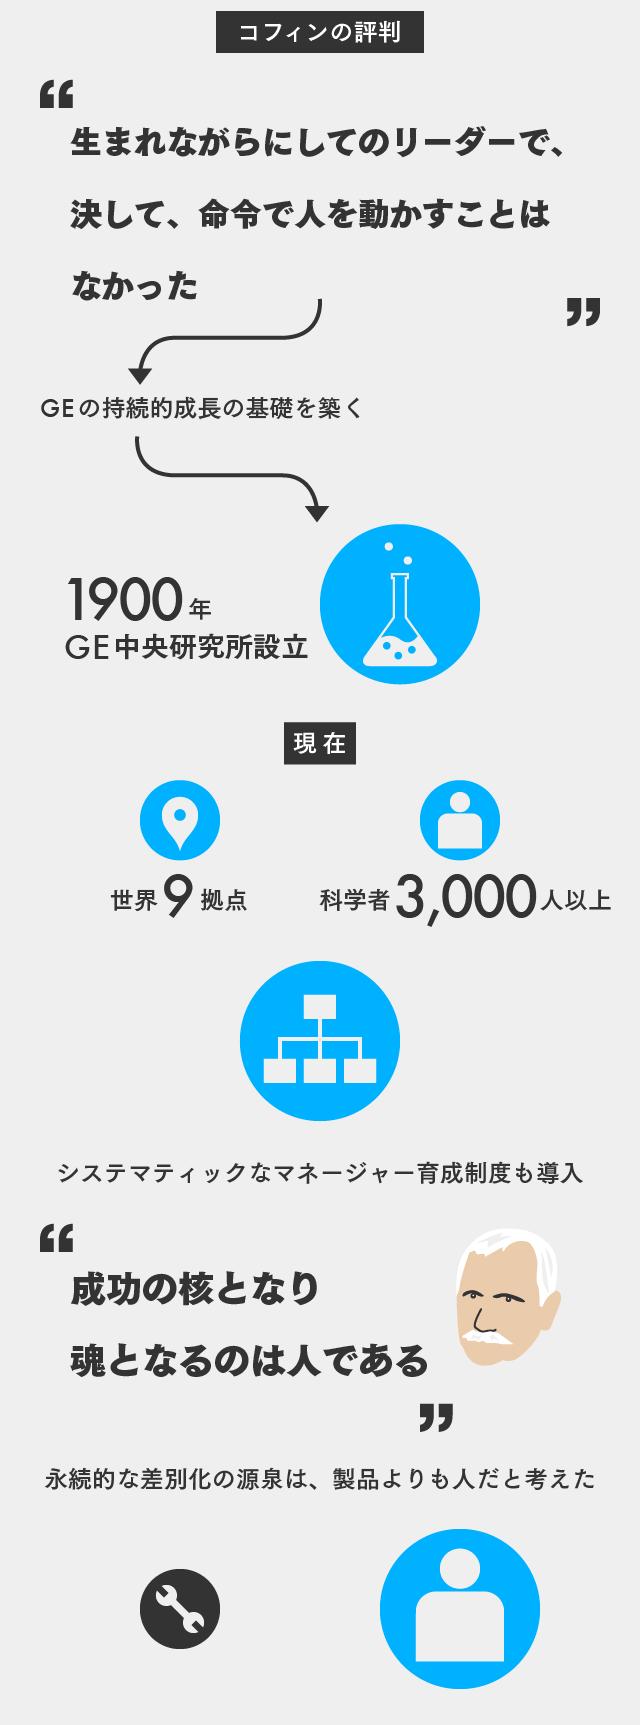 【マスター】GEインフォグラフィック_20150929-03